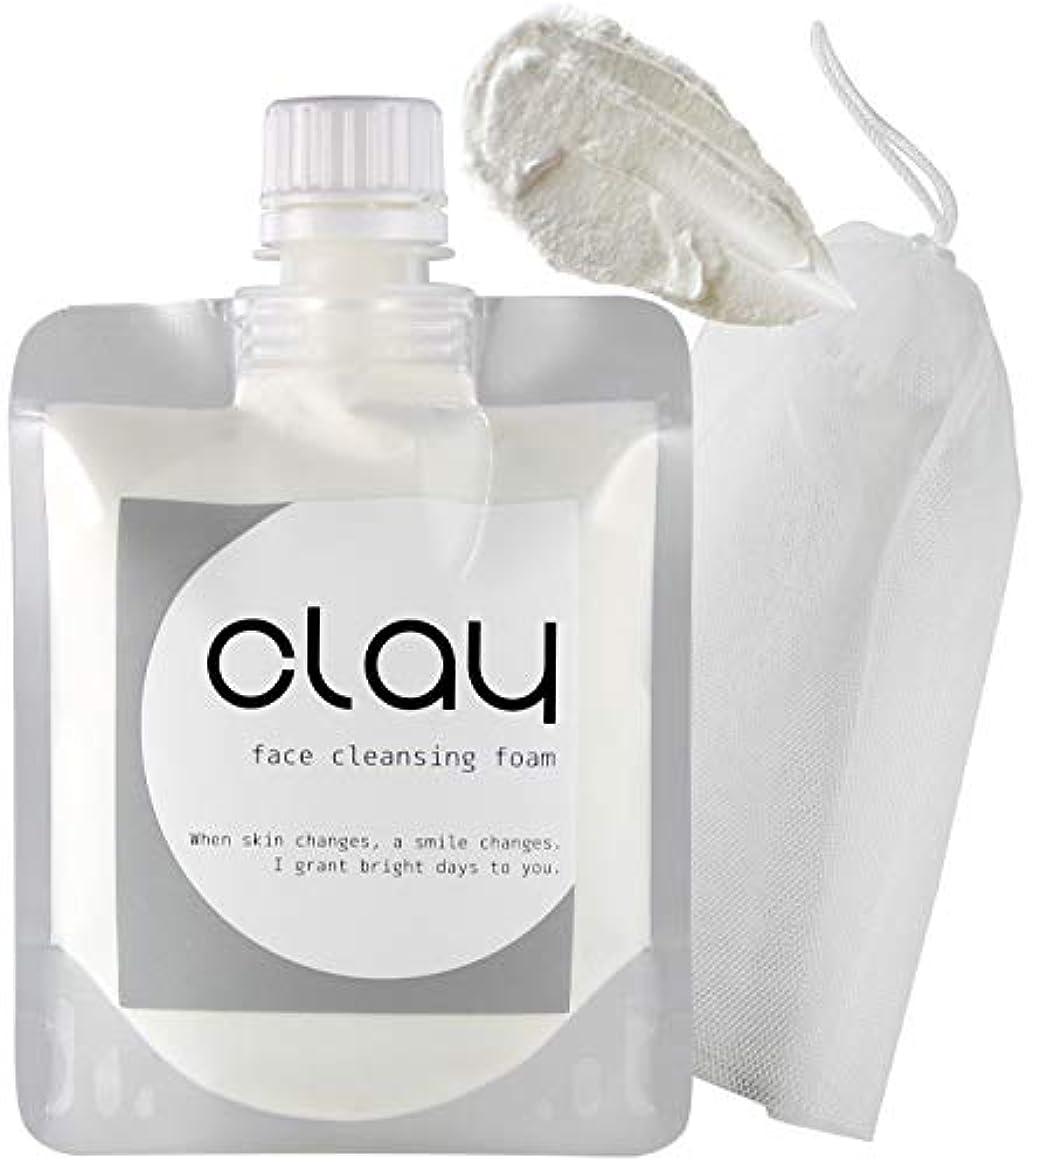 サイレン初心者支店STAR'S クレイ 泥 洗顔 オーガニック 【 毛穴 黒ずみ 開き ザラ付き 用】「 泡 ネット 付き」 40種類の植物エキス 16種類の美容成分 9つの無添加 透明感 柔肌 130g (Clay)